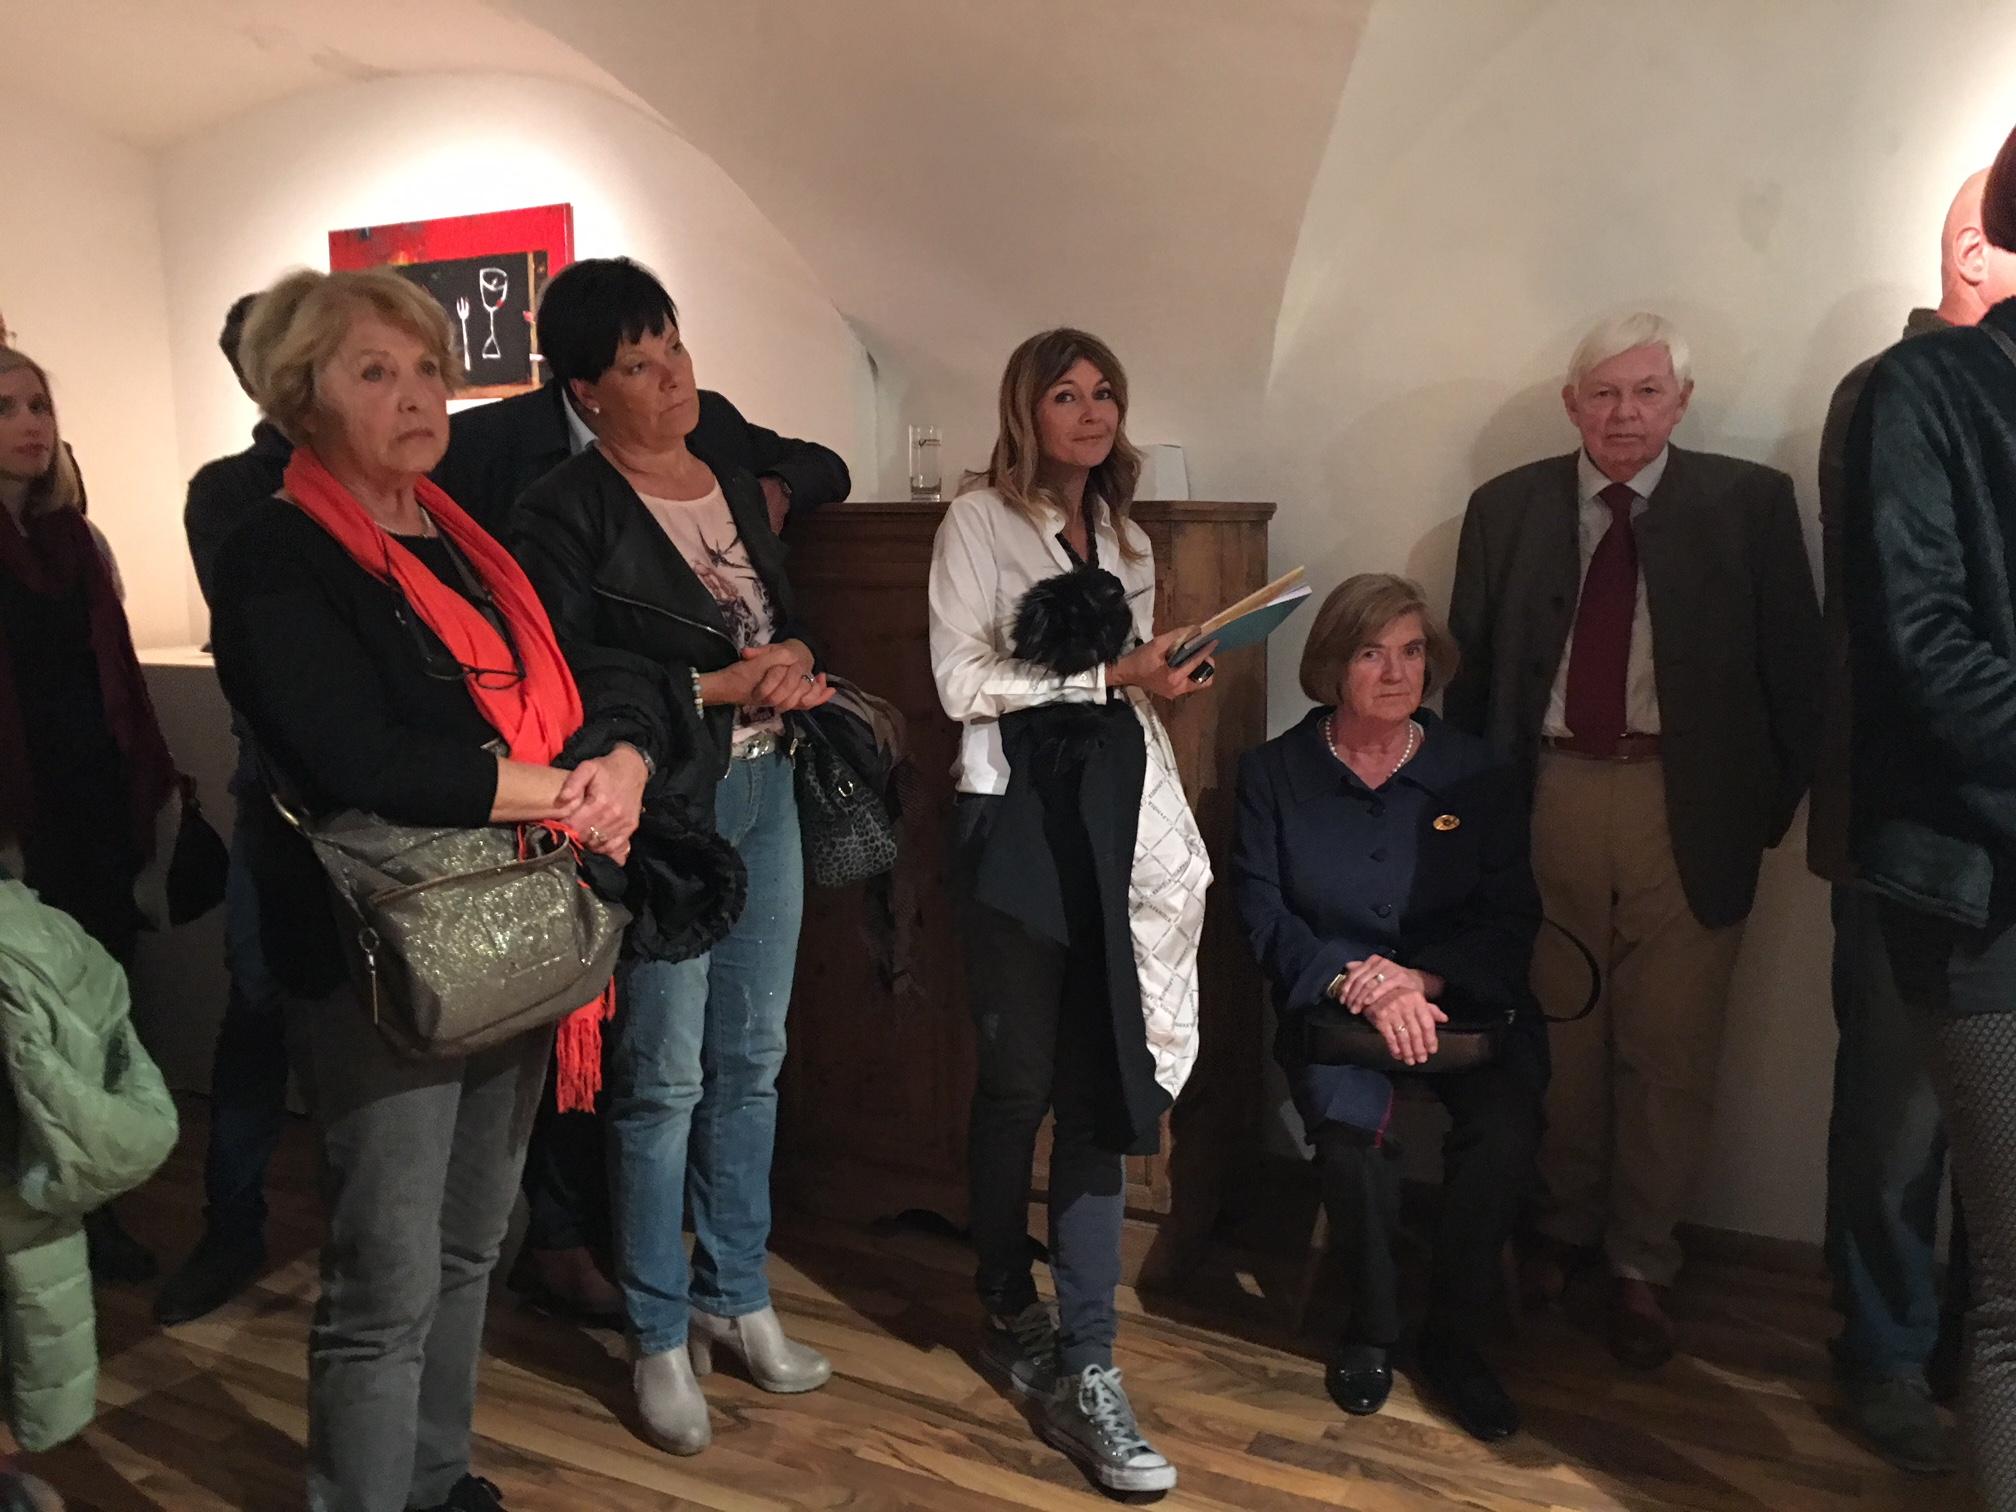 Karin Haller, Giuliana Marchetti